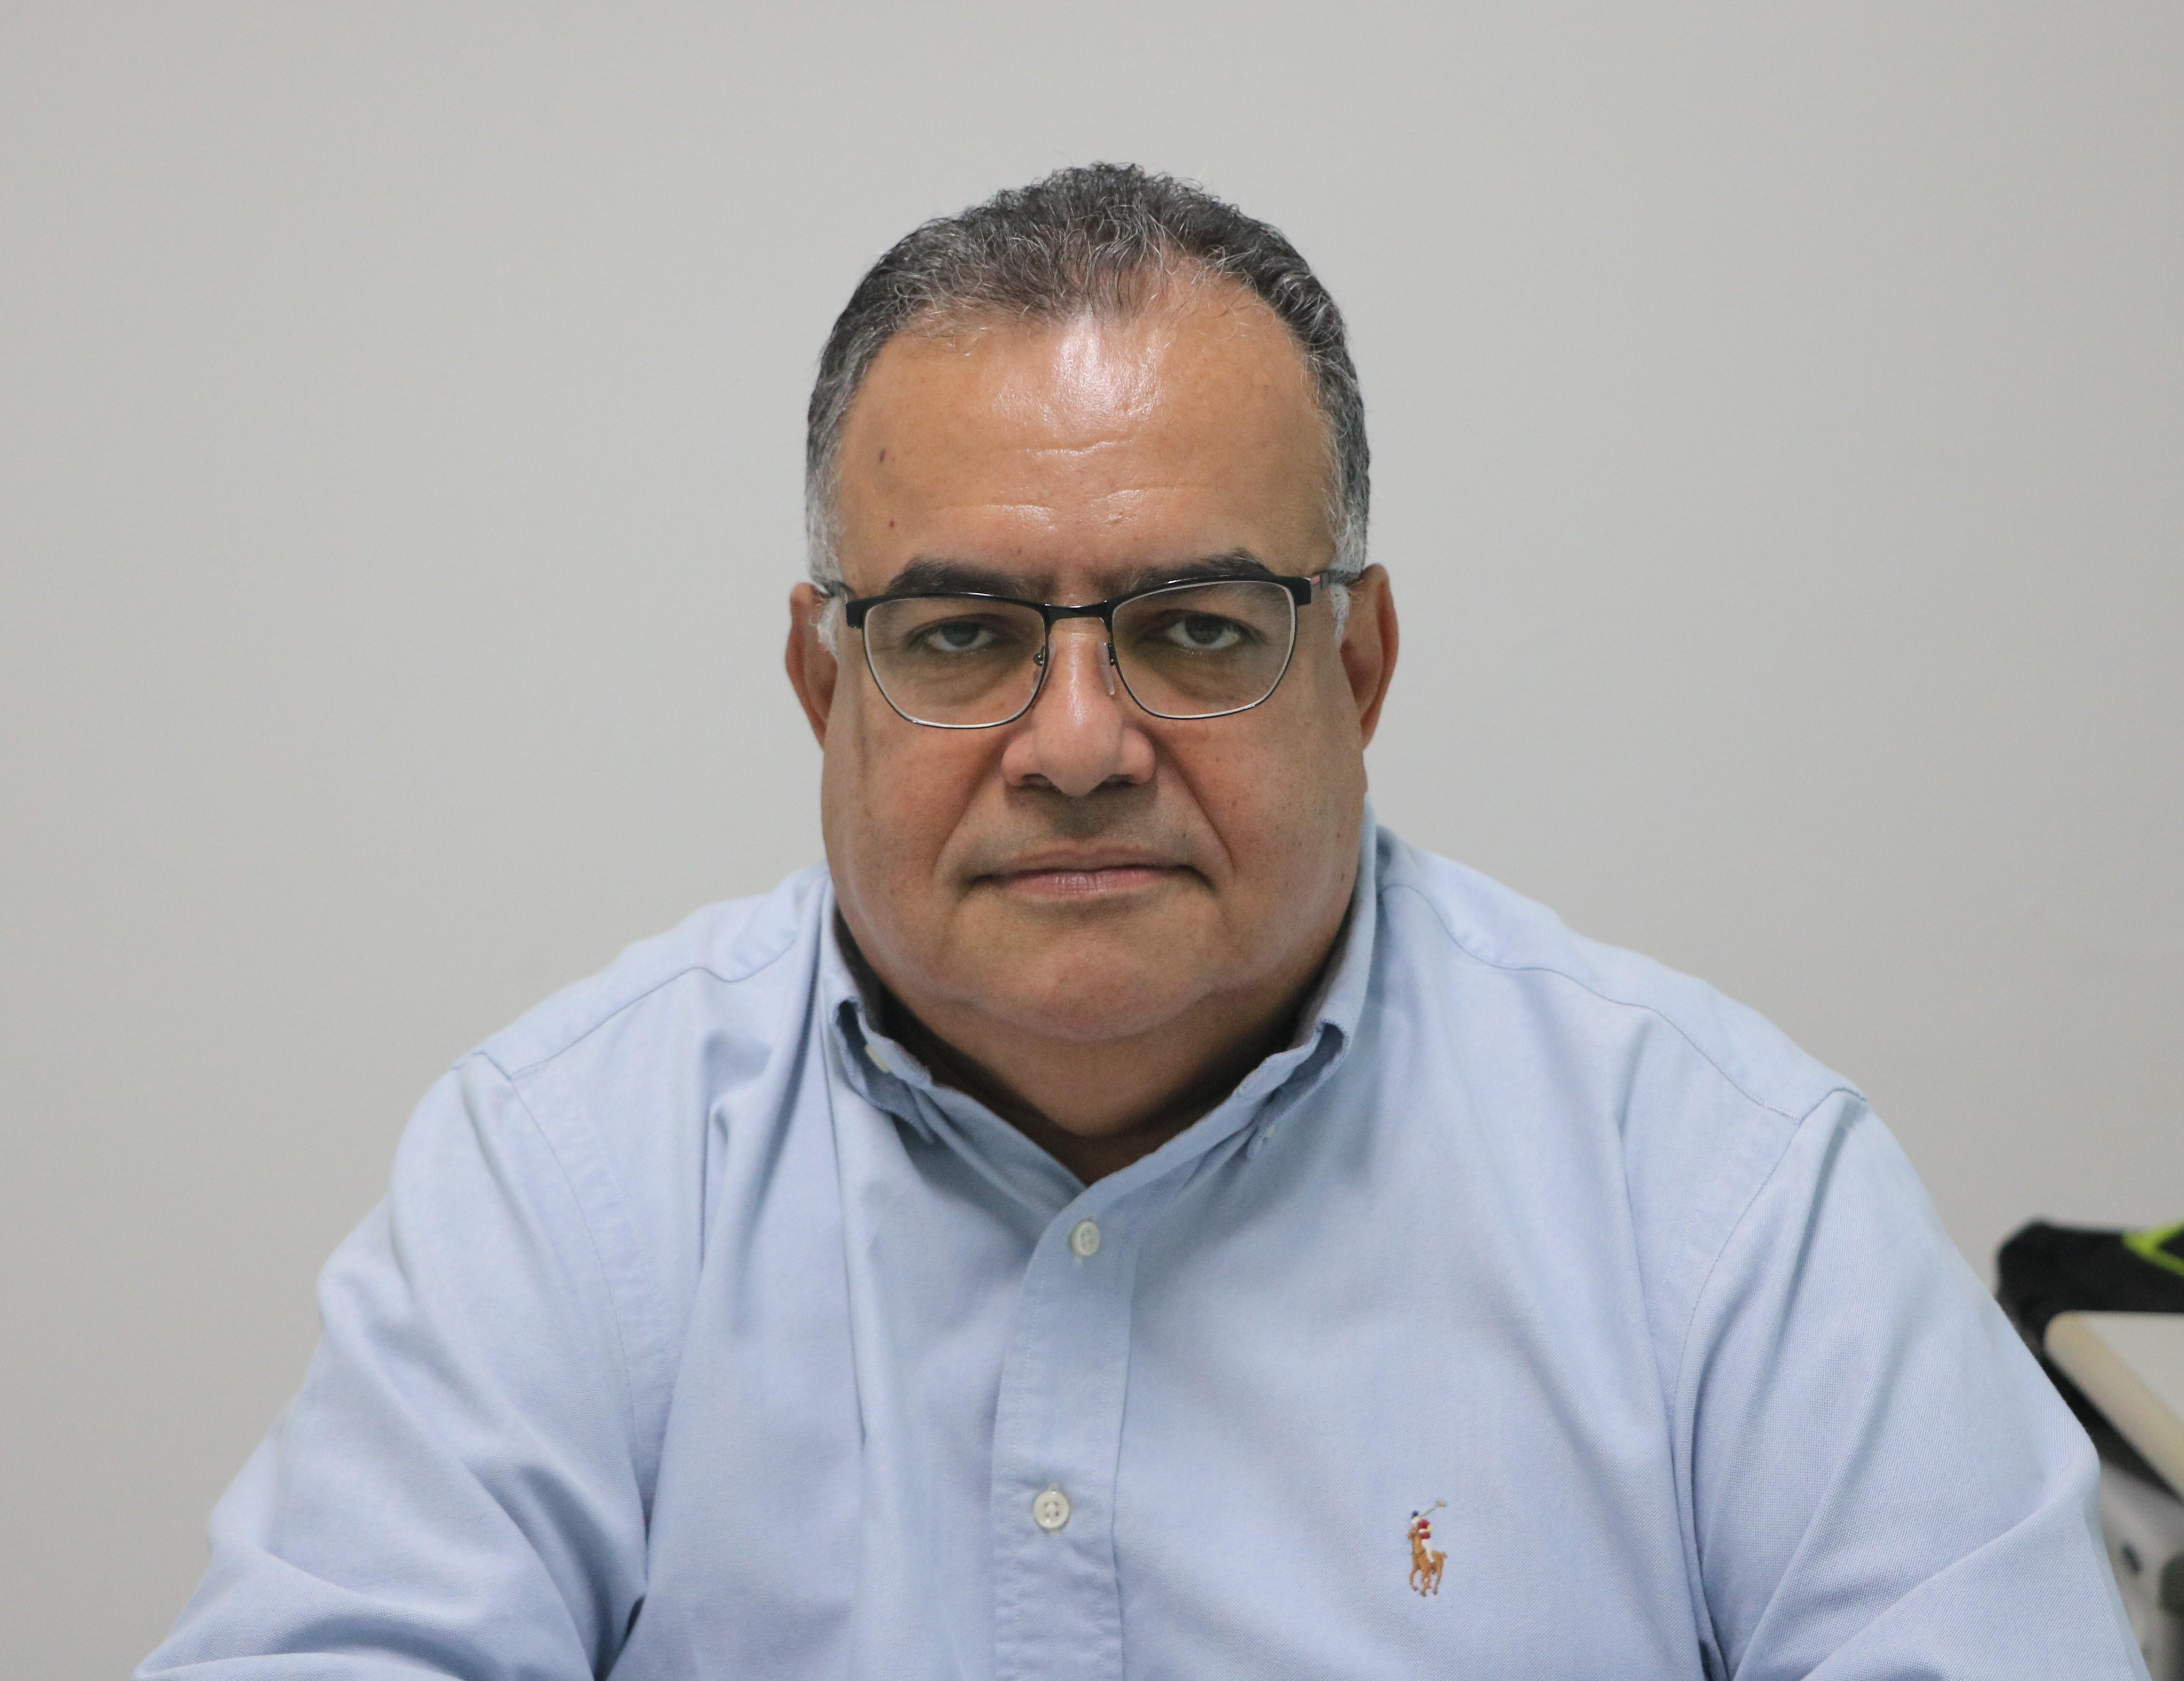 Dr. Alvimar Moura.jpg